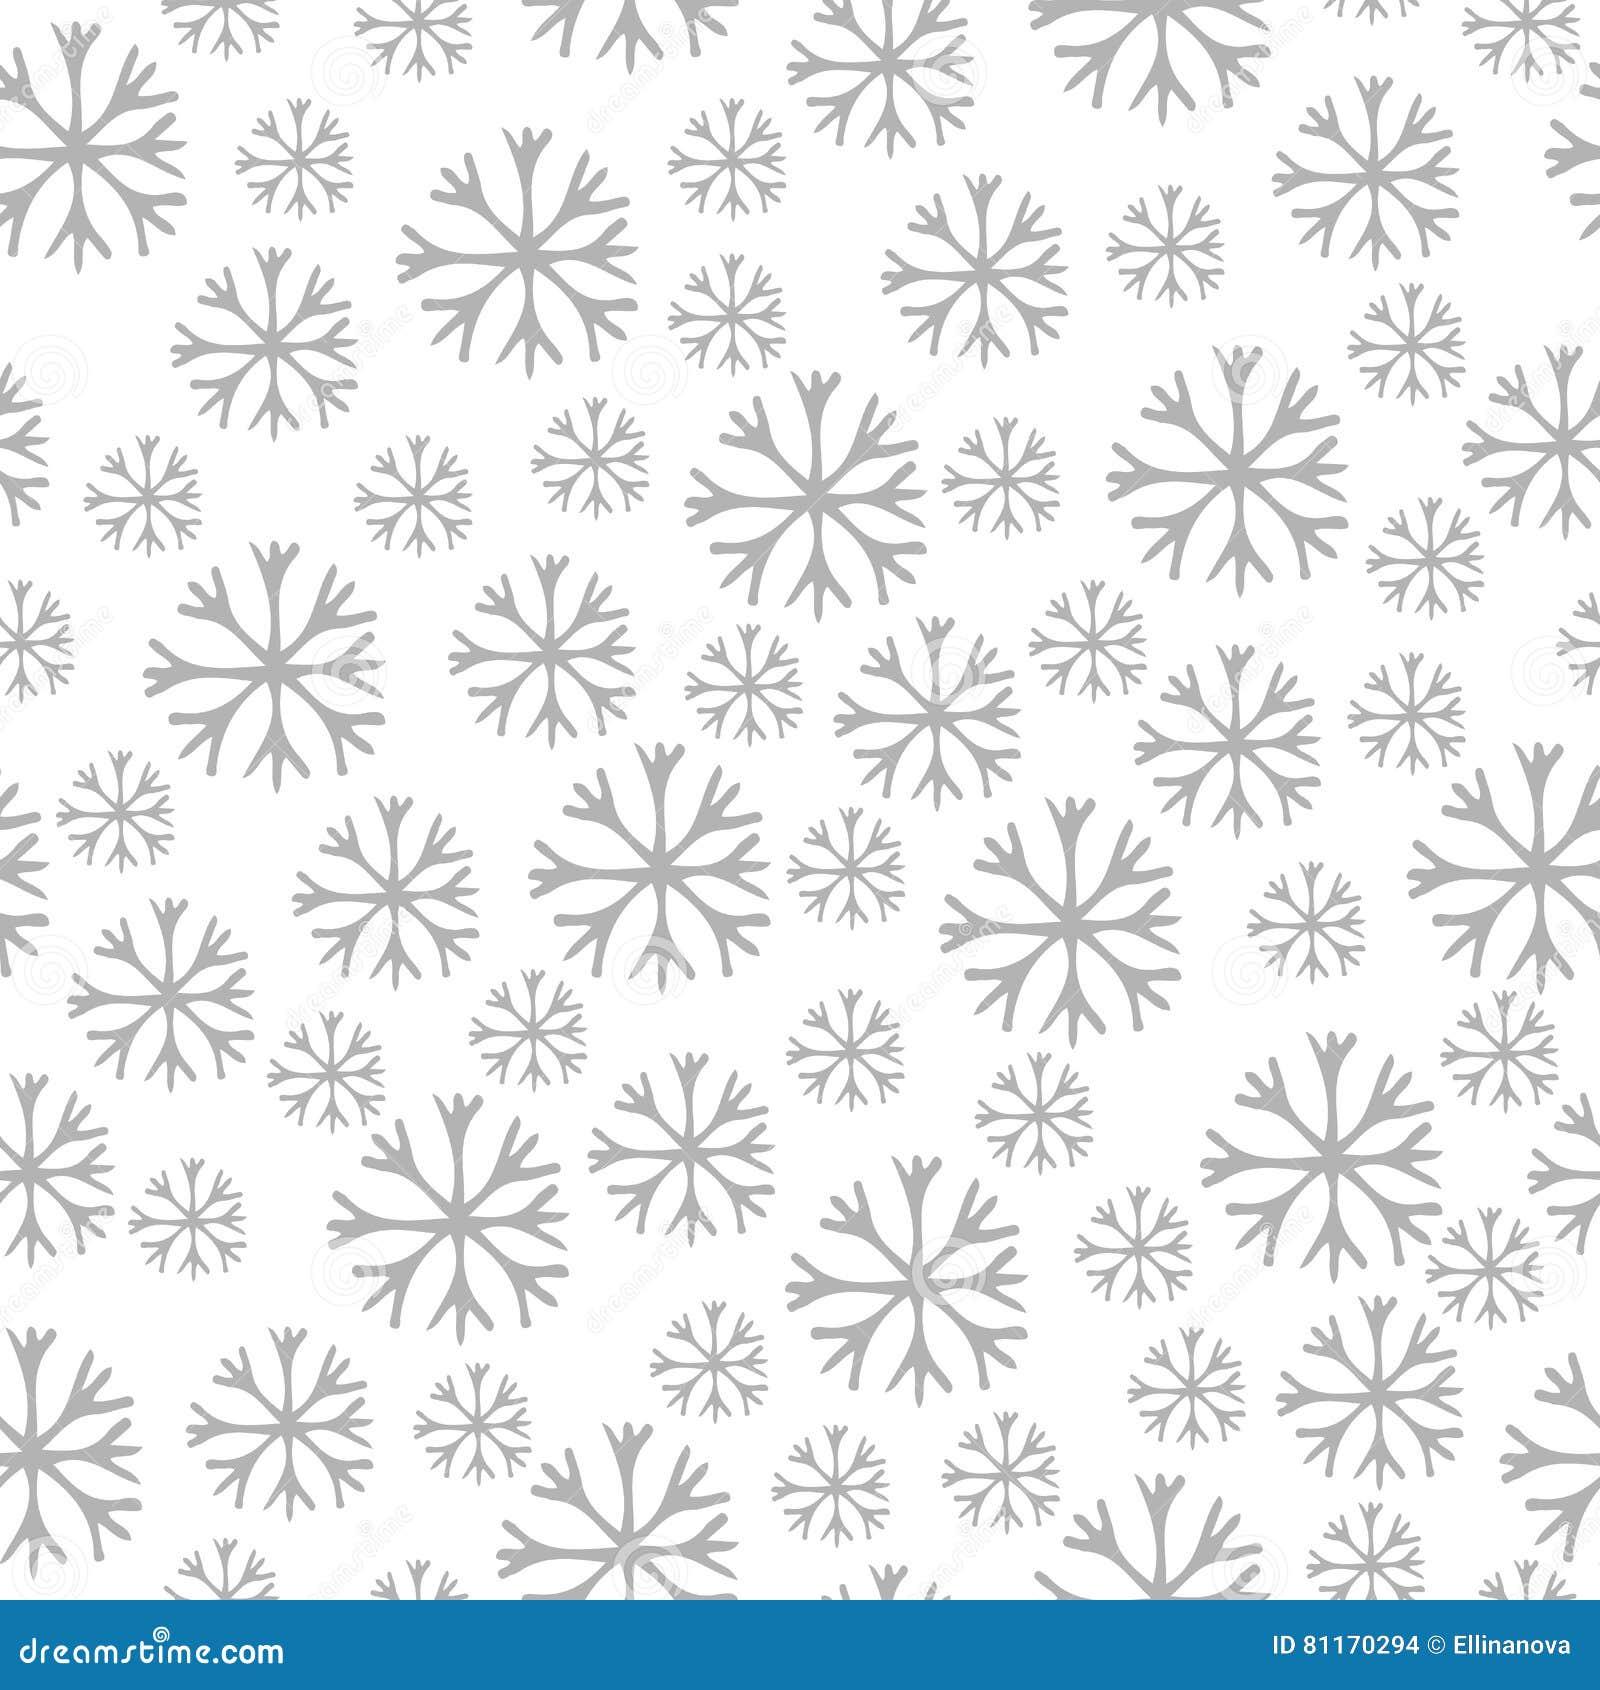 Modelo Inconsútil Del Invierno Con El Copo De Nieve Gris En Blanco